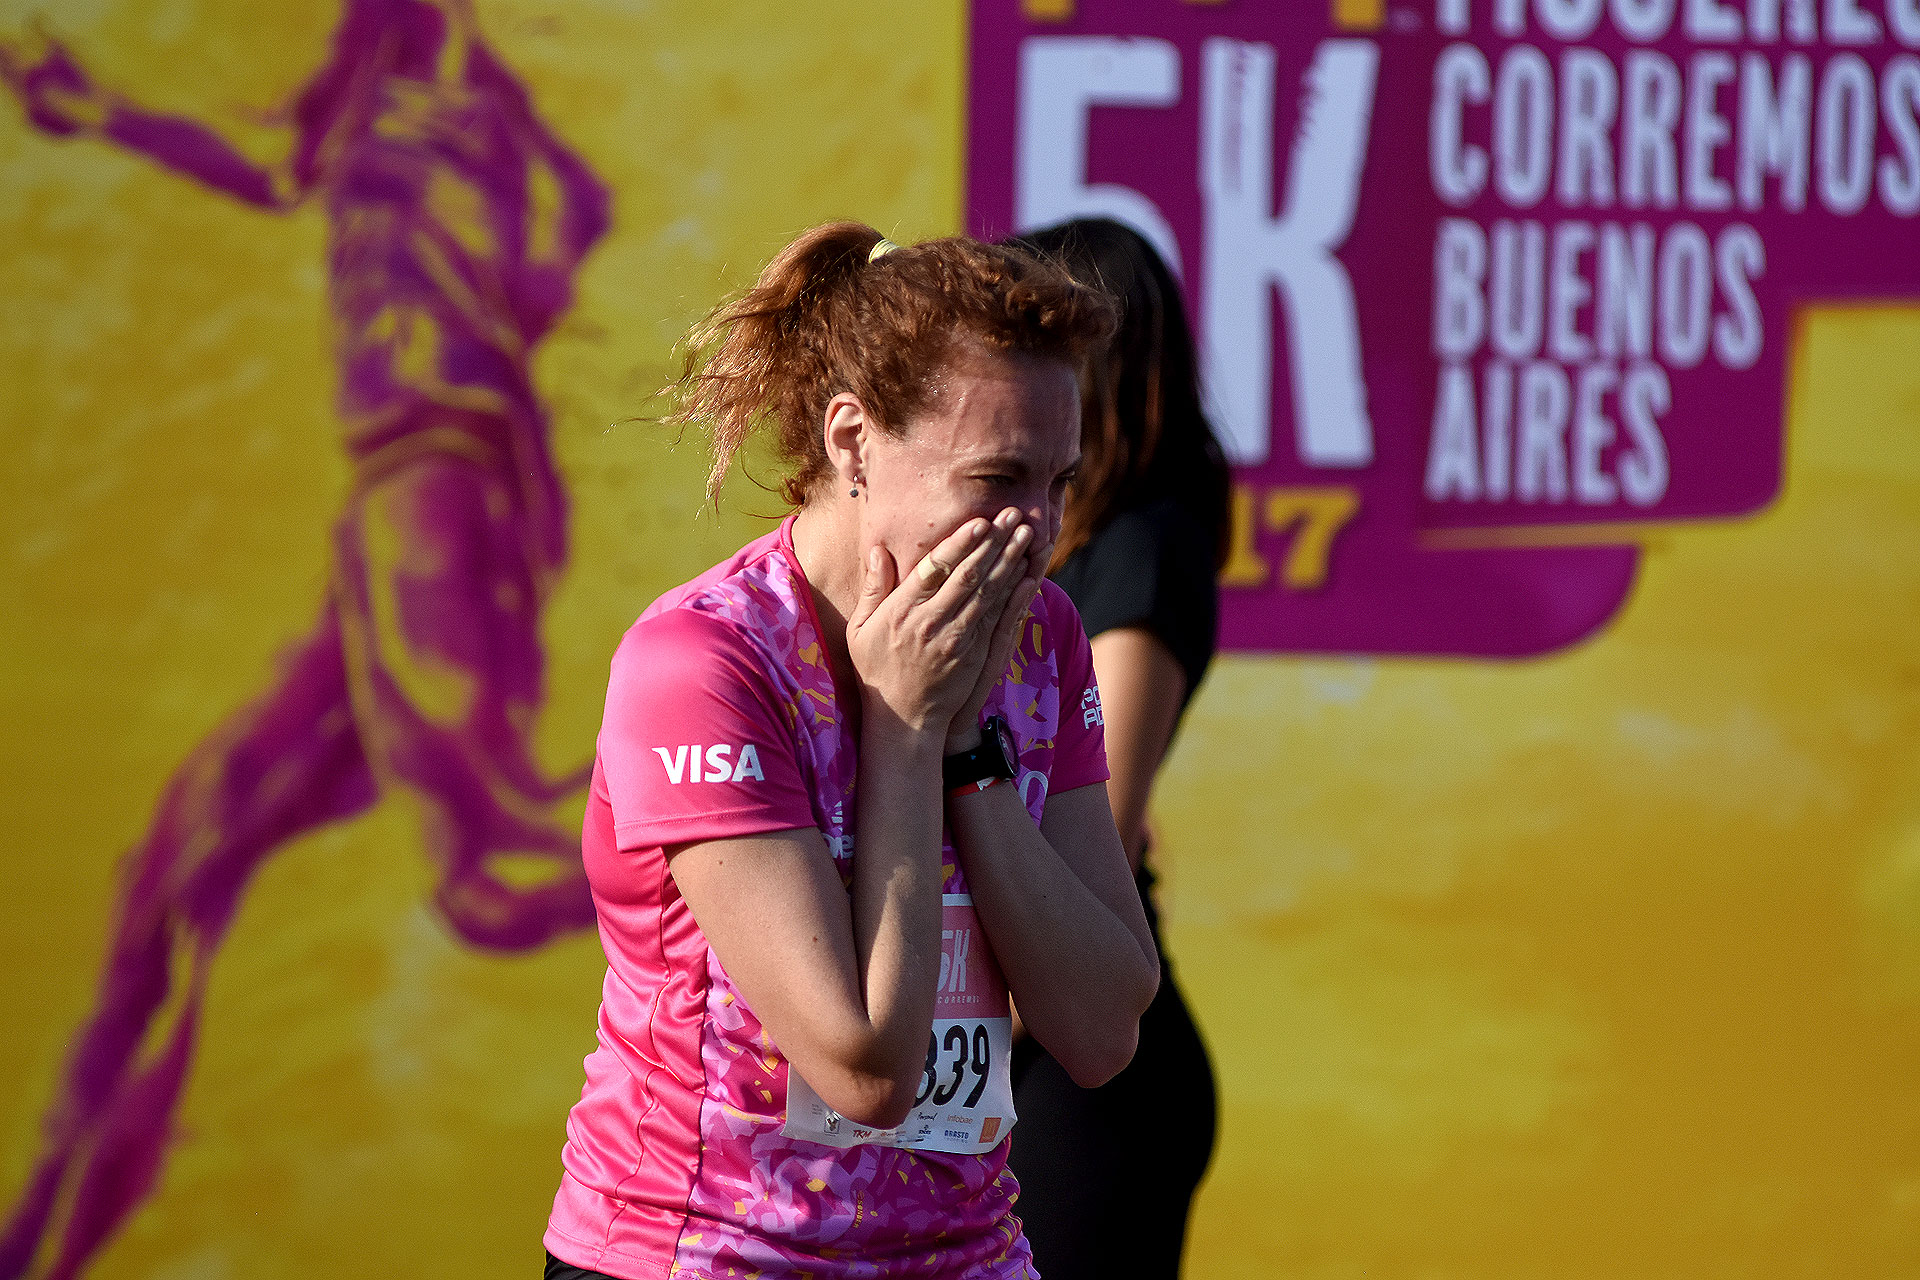 La emoción de terminar la carrera